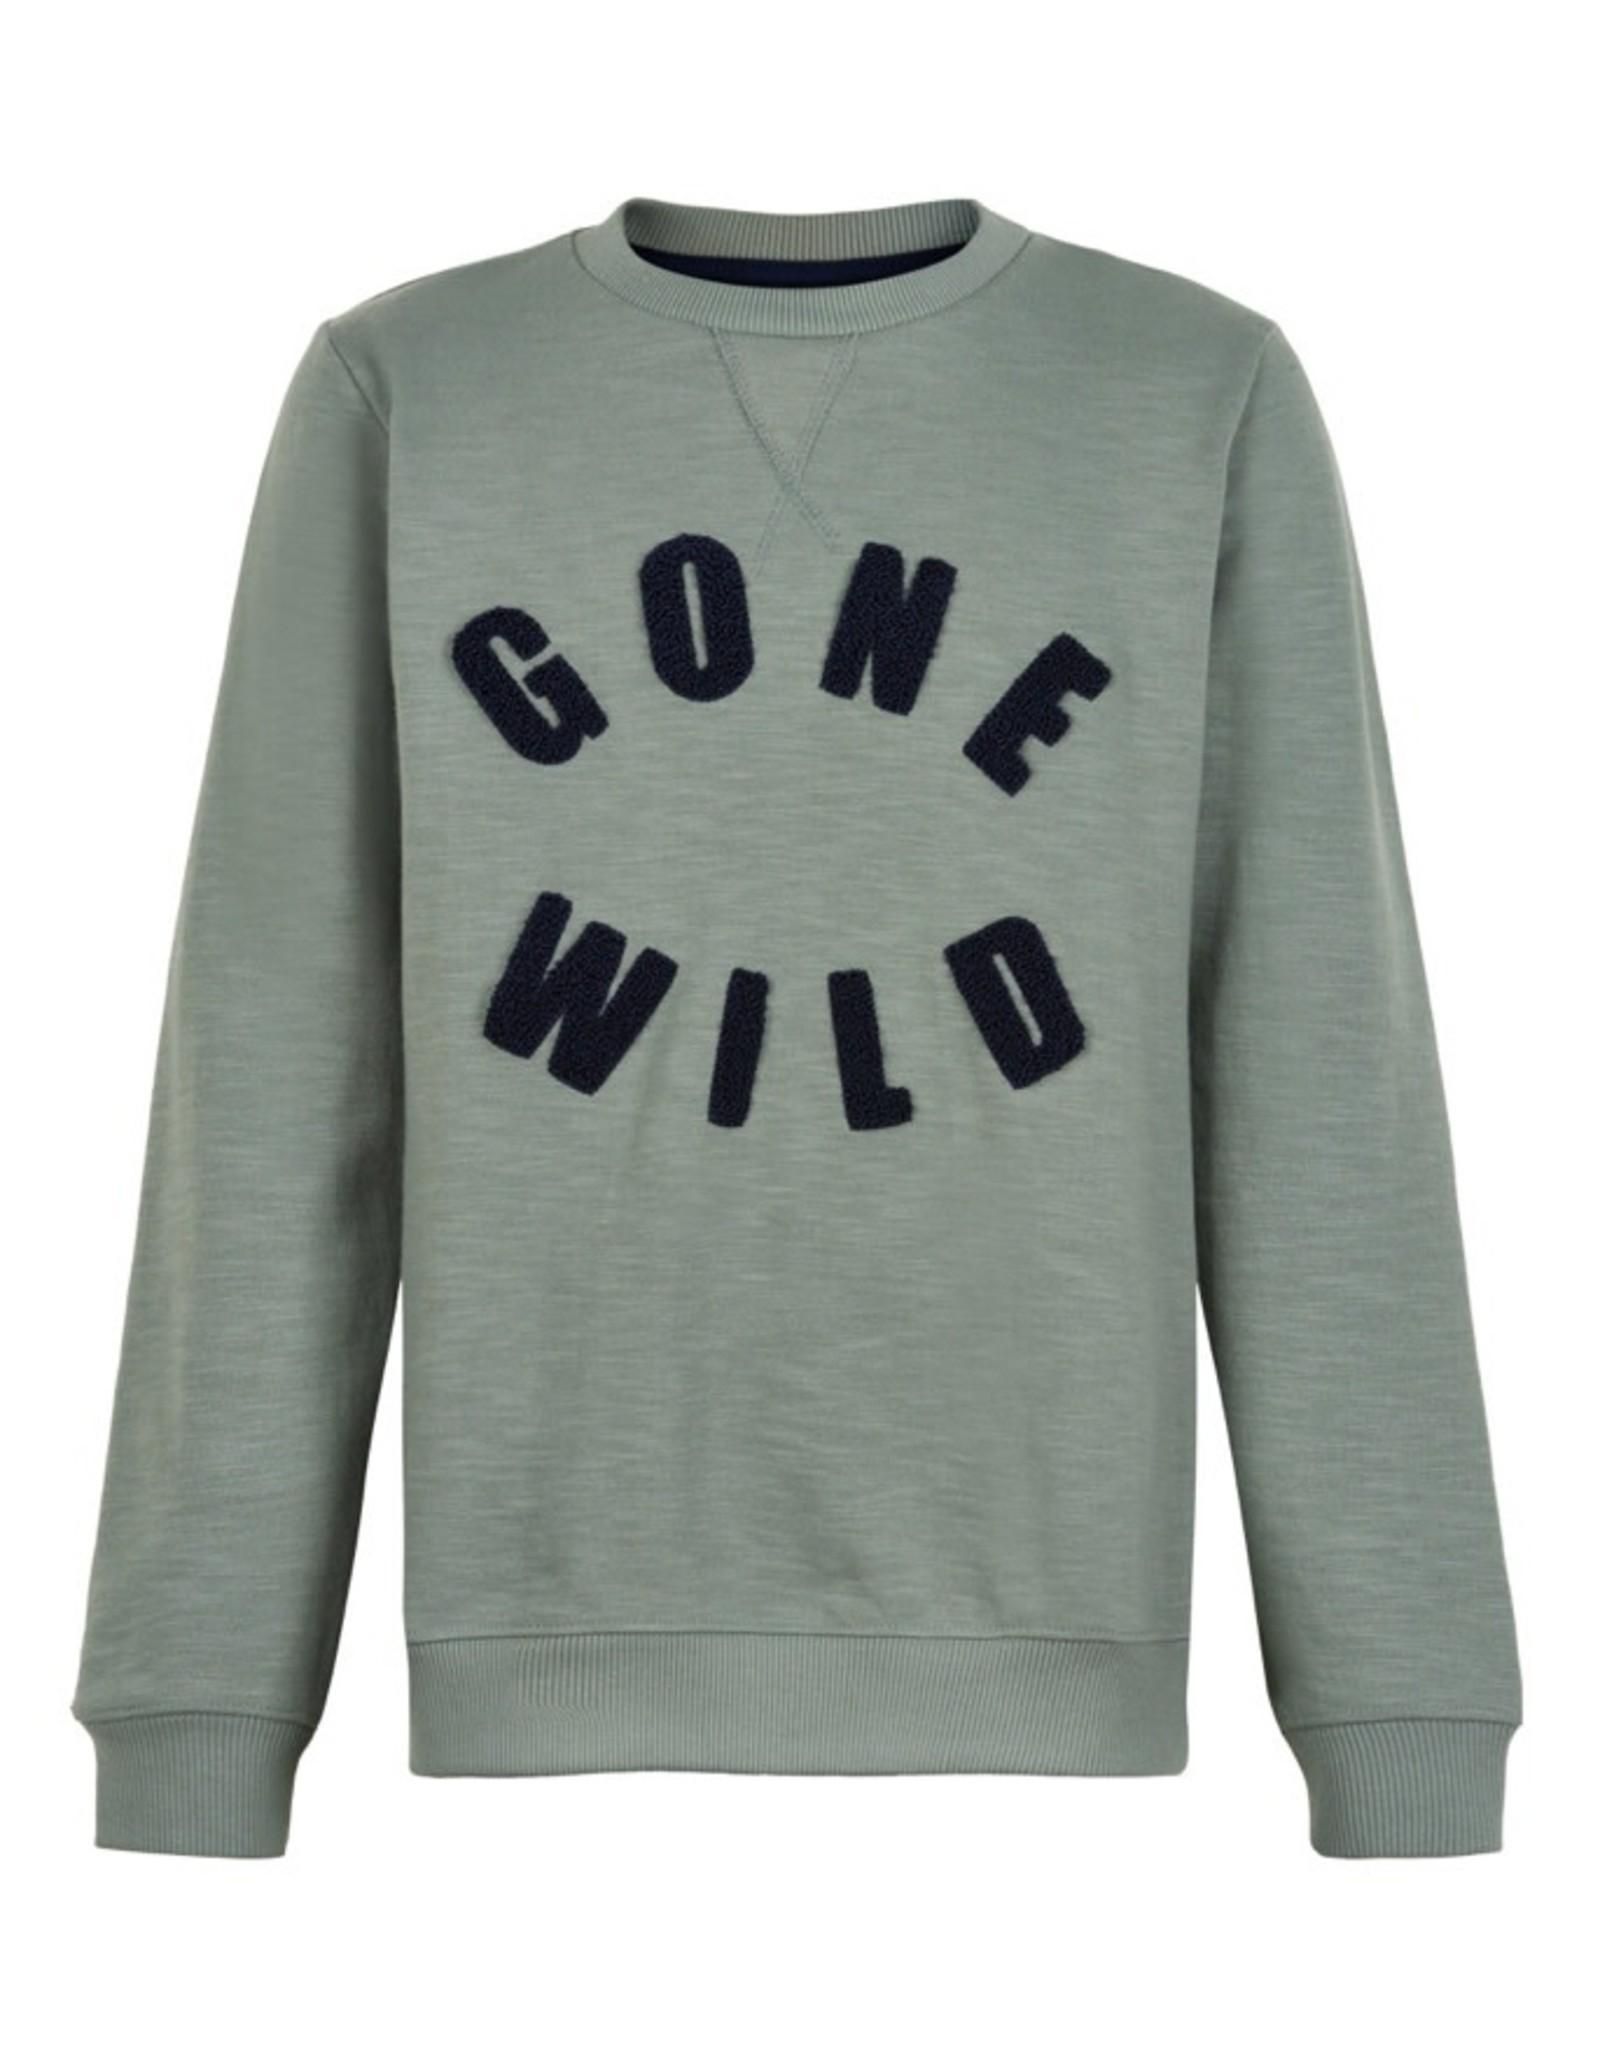 The New Trenton Sweatshirt